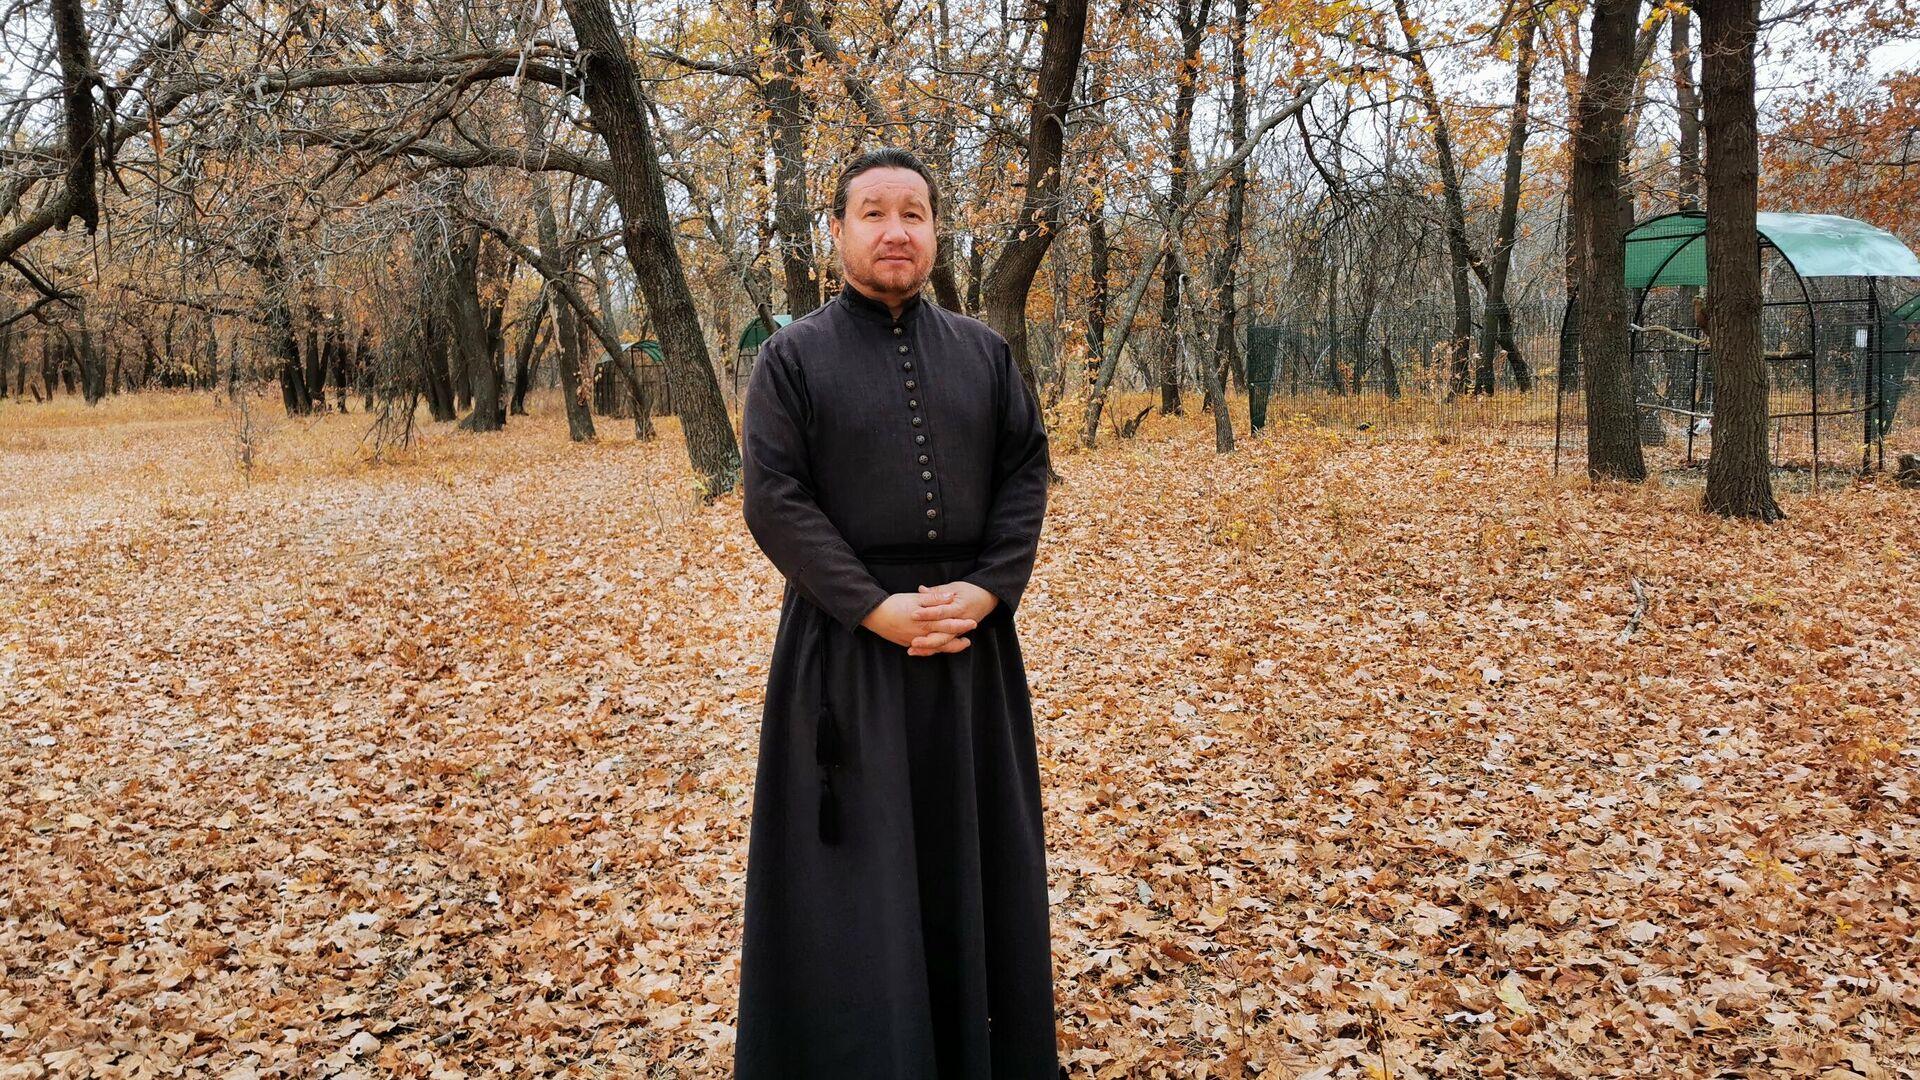 Православные отмечают день Флора и Лавра - покровителей домашних животных